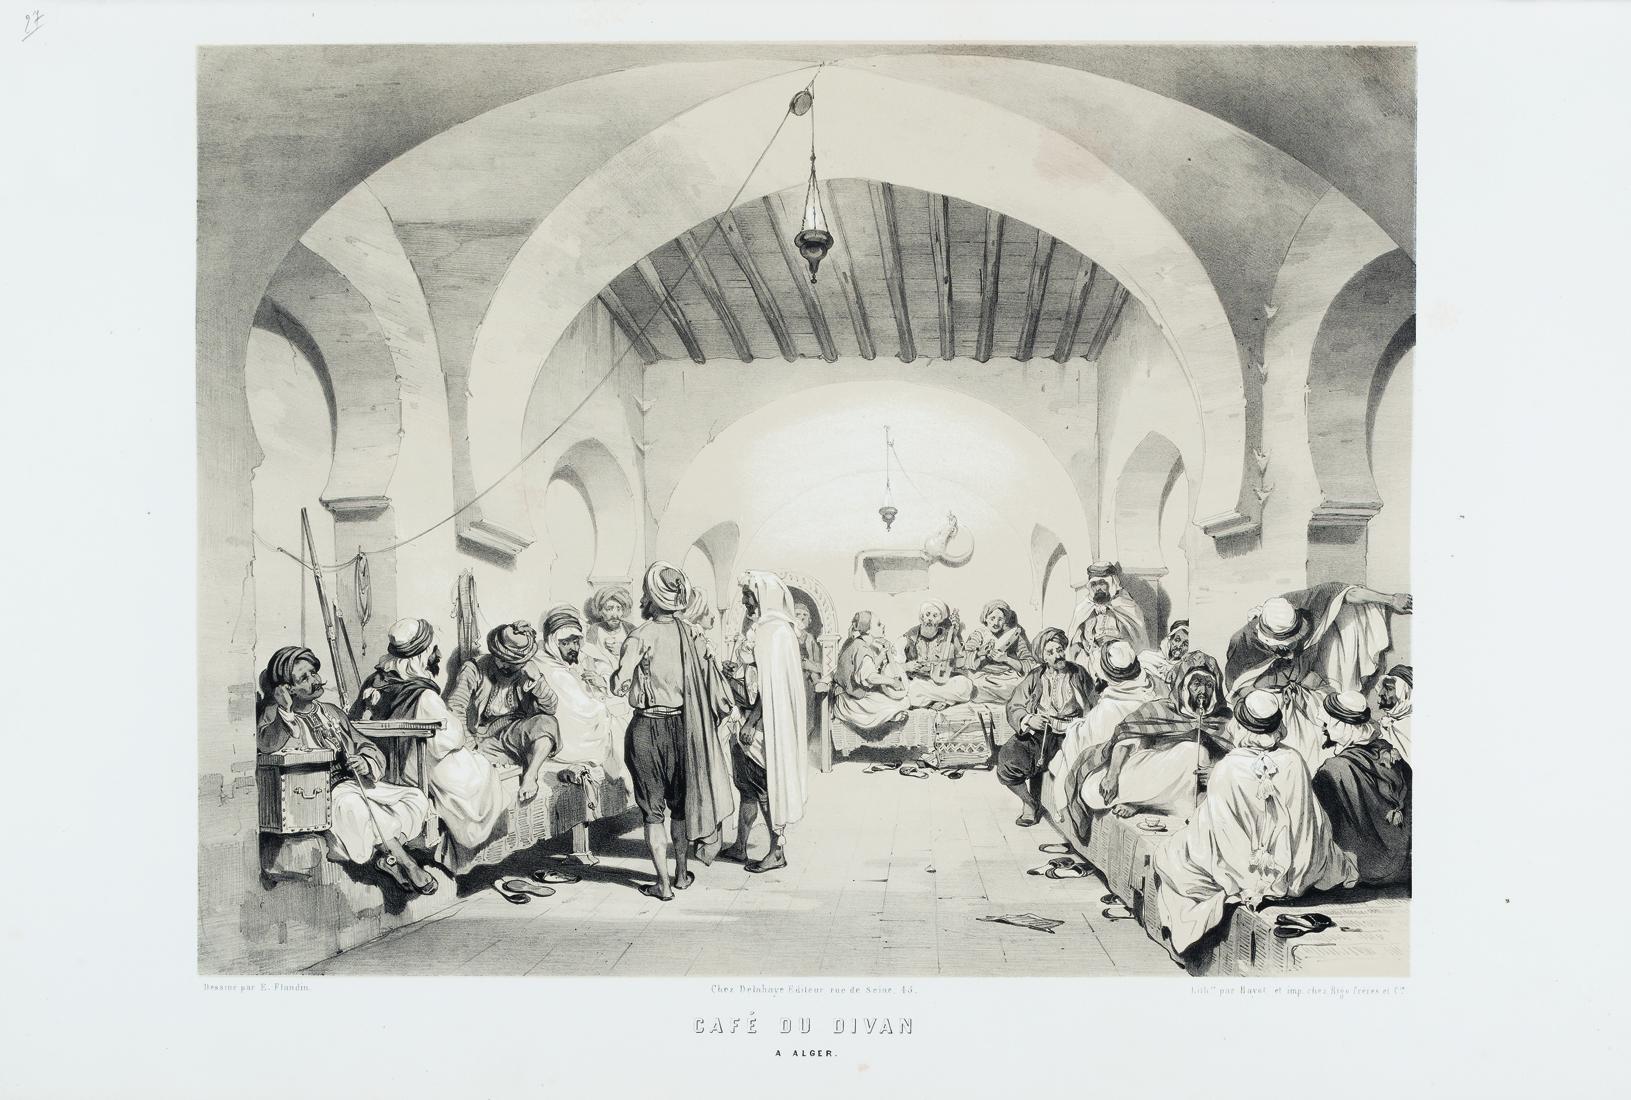 -livres-illustres-berbrugger-a-l-algerie-historique-pittoresque-et-monumentale-paris-j-delahaye-1843-5-parties-reliees-en-3-volumes-in-folio-demi-veau-moderne-dos-lisse-orne--127-1